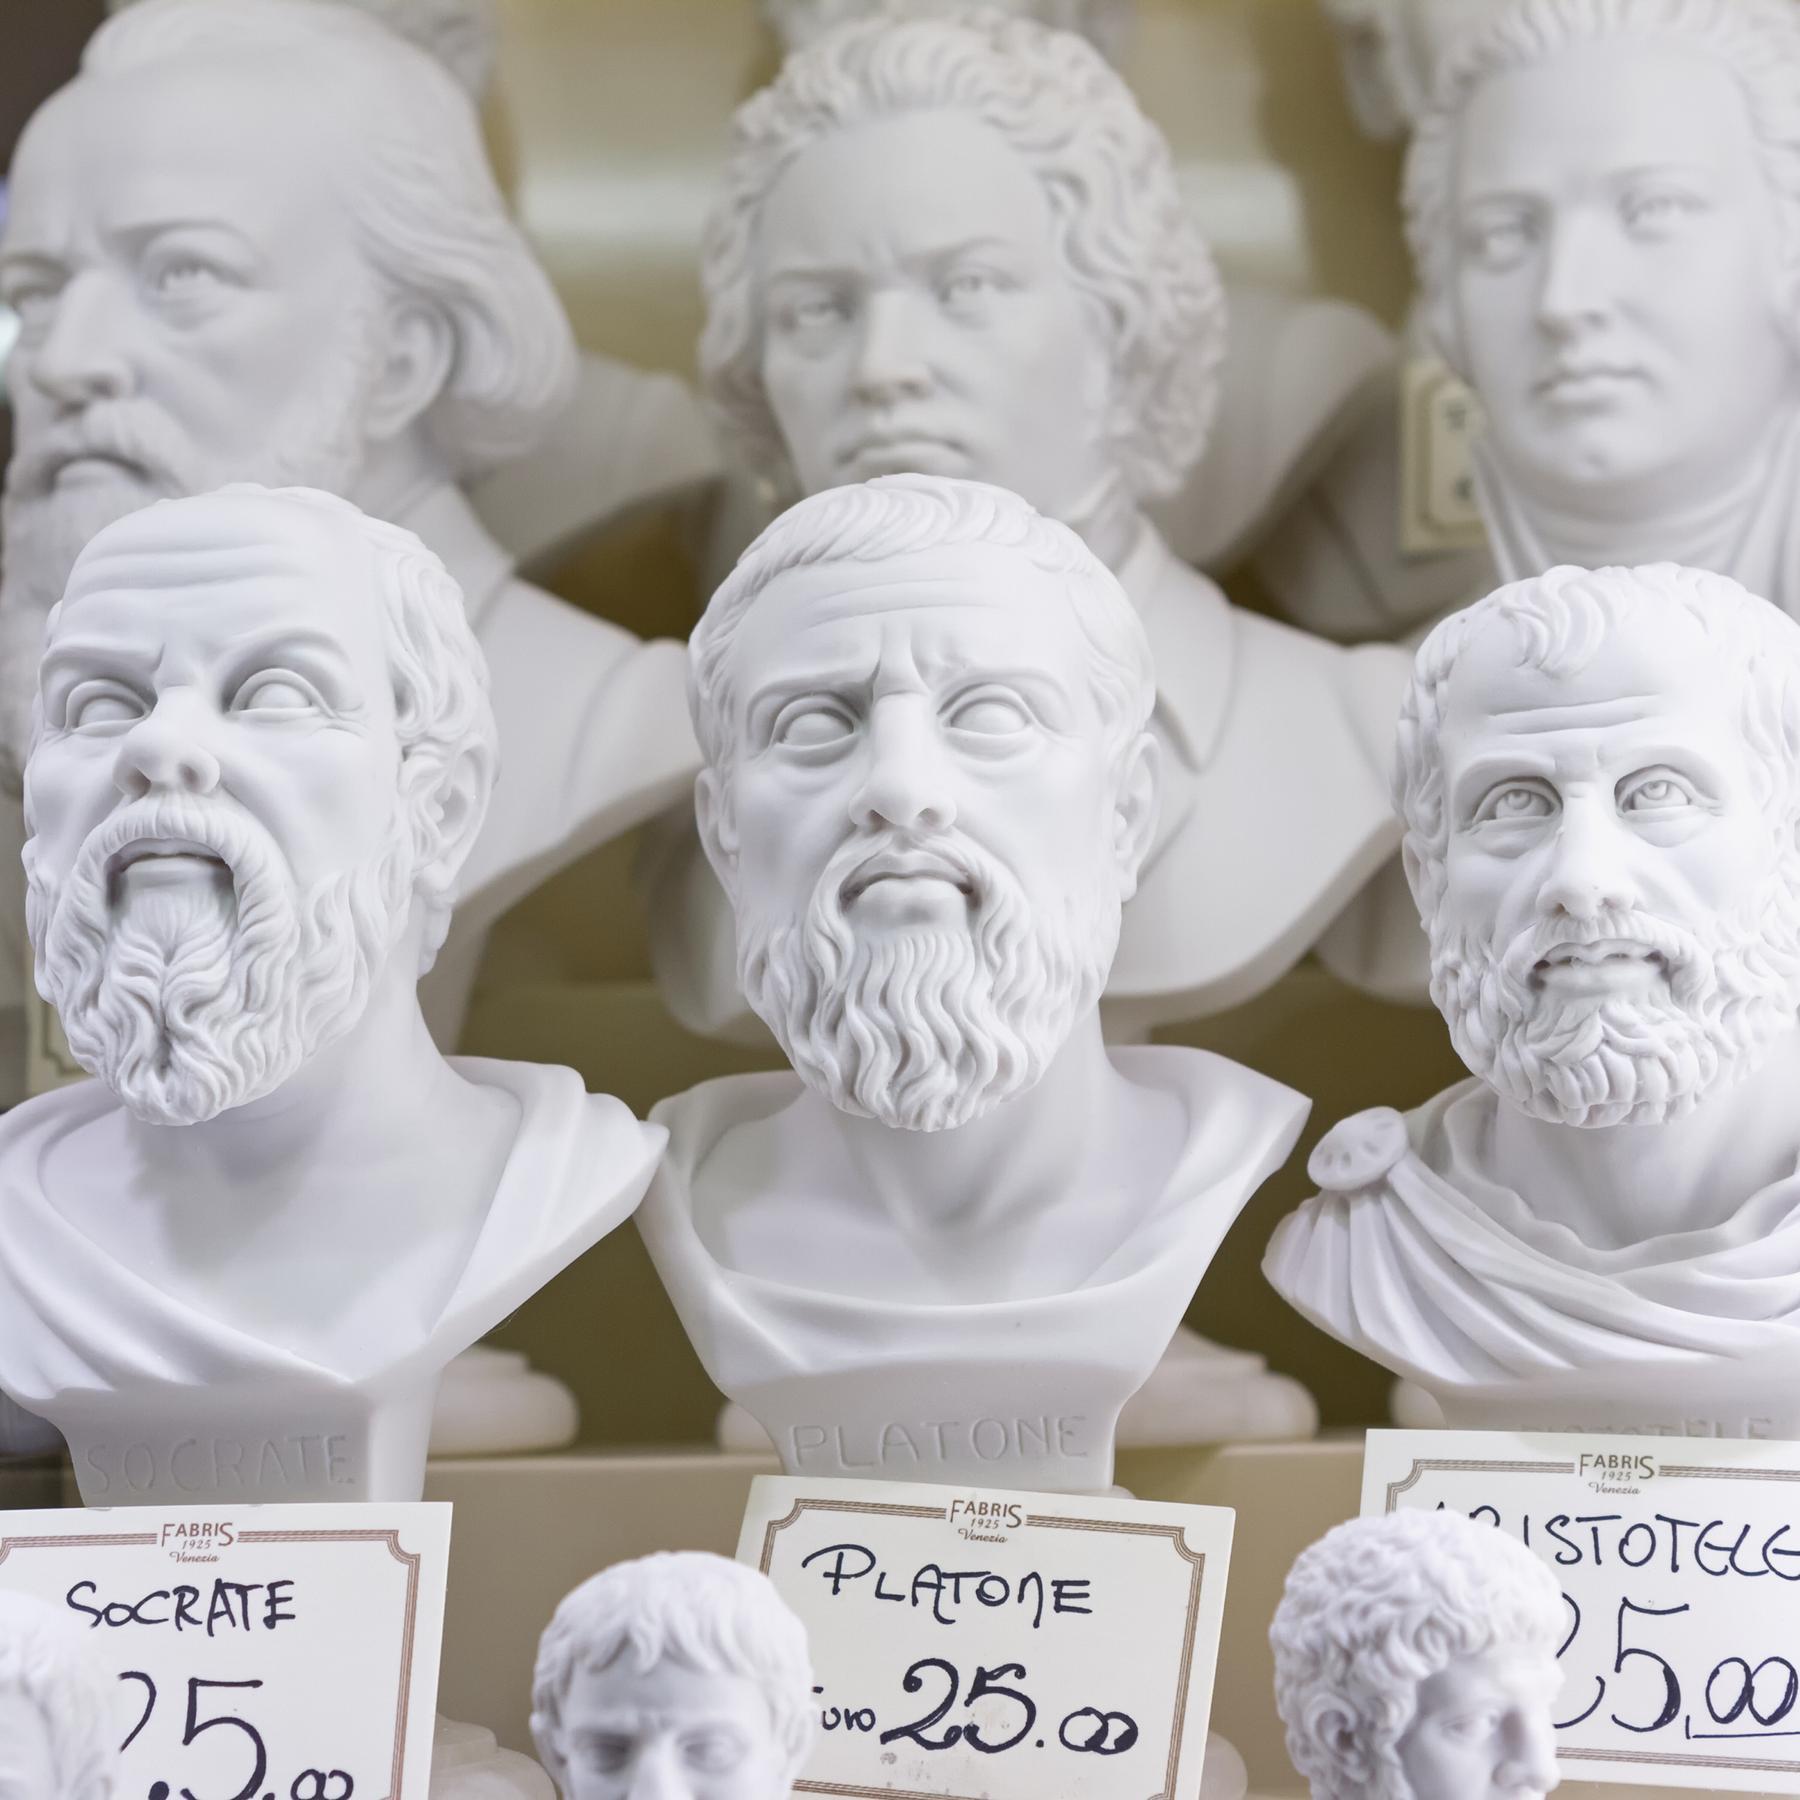 #01 Philosophie heute - Ratgeber statt Welterkenntnis?